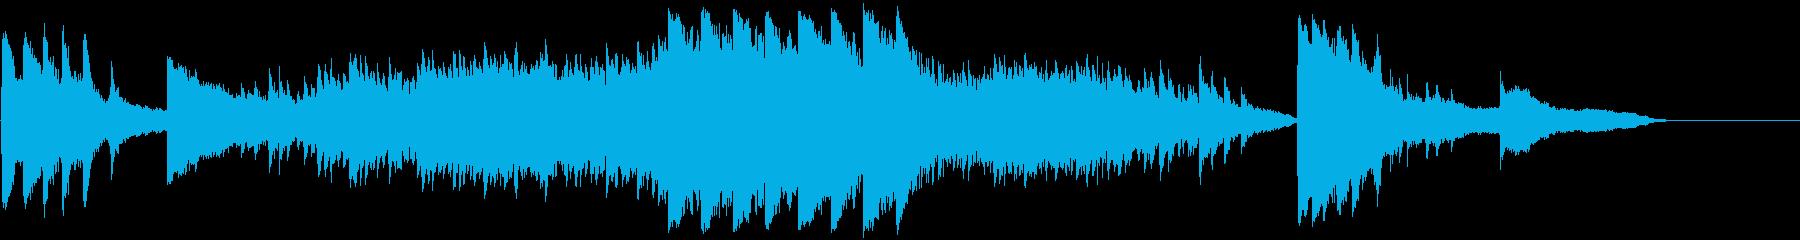 印象派風のピアノ即興演奏の再生済みの波形